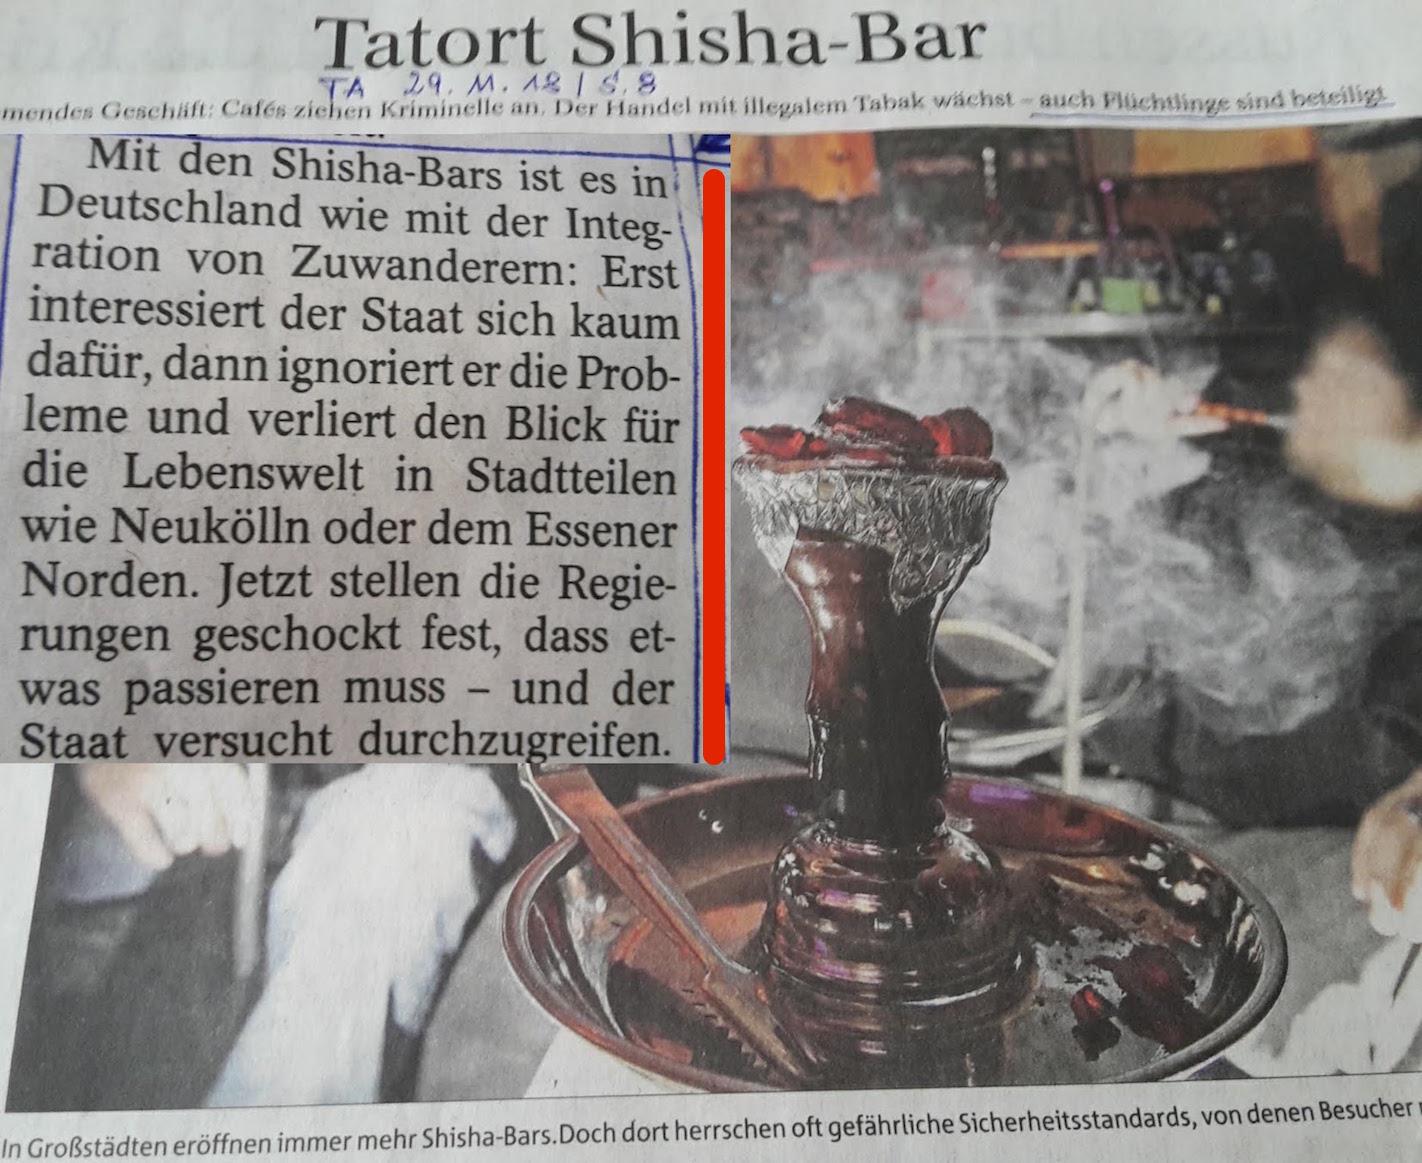 SchlagZeile Shisha-Bar _ Tatort 29.11.18